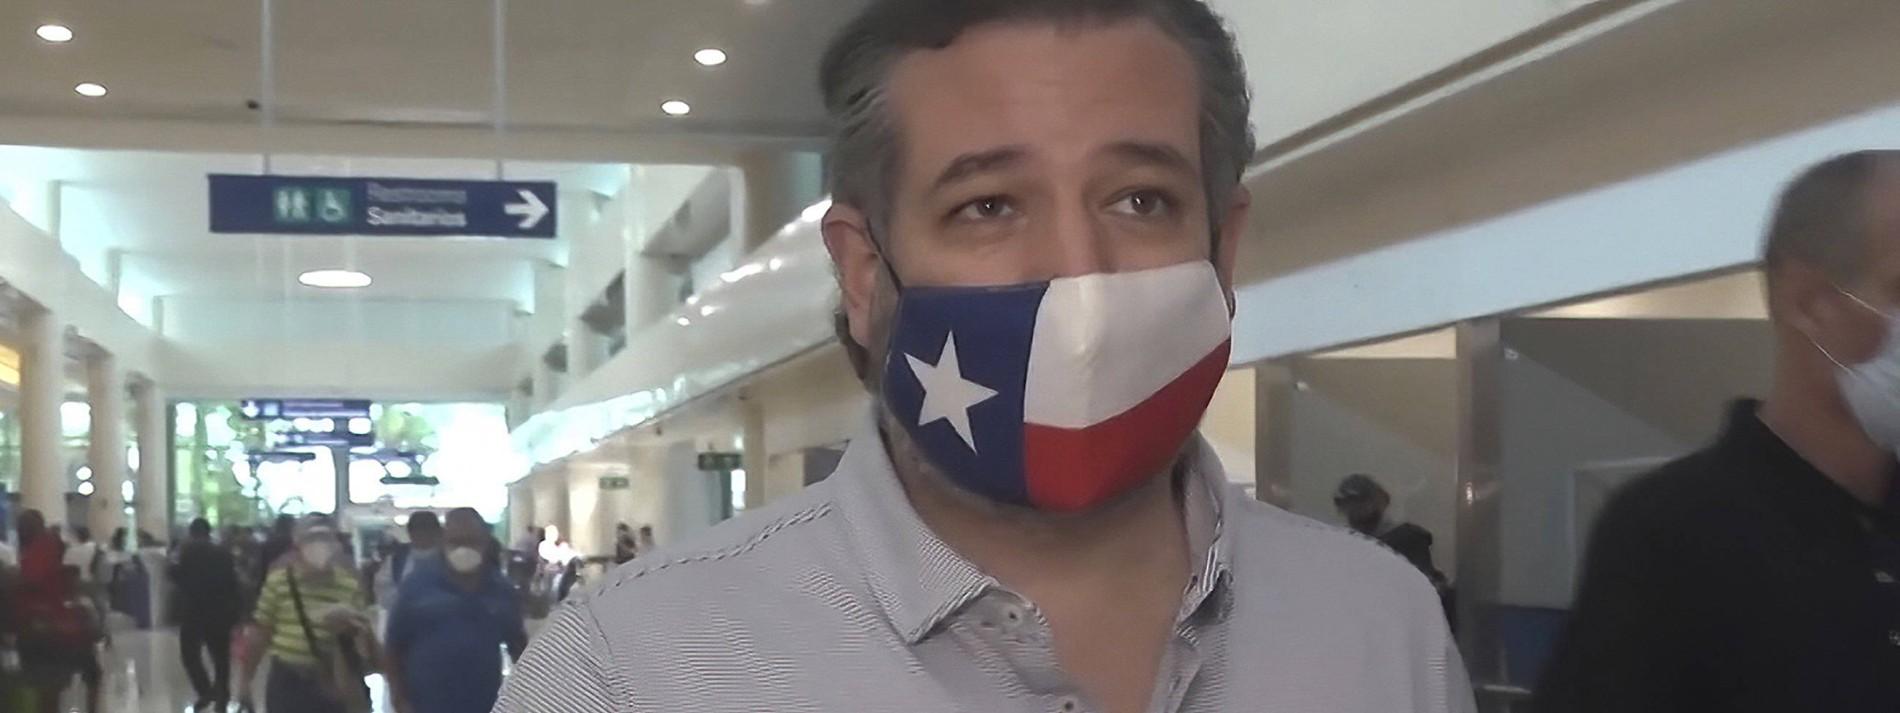 Wie Ted Cruz dem Winter in Texas entkommen wollte